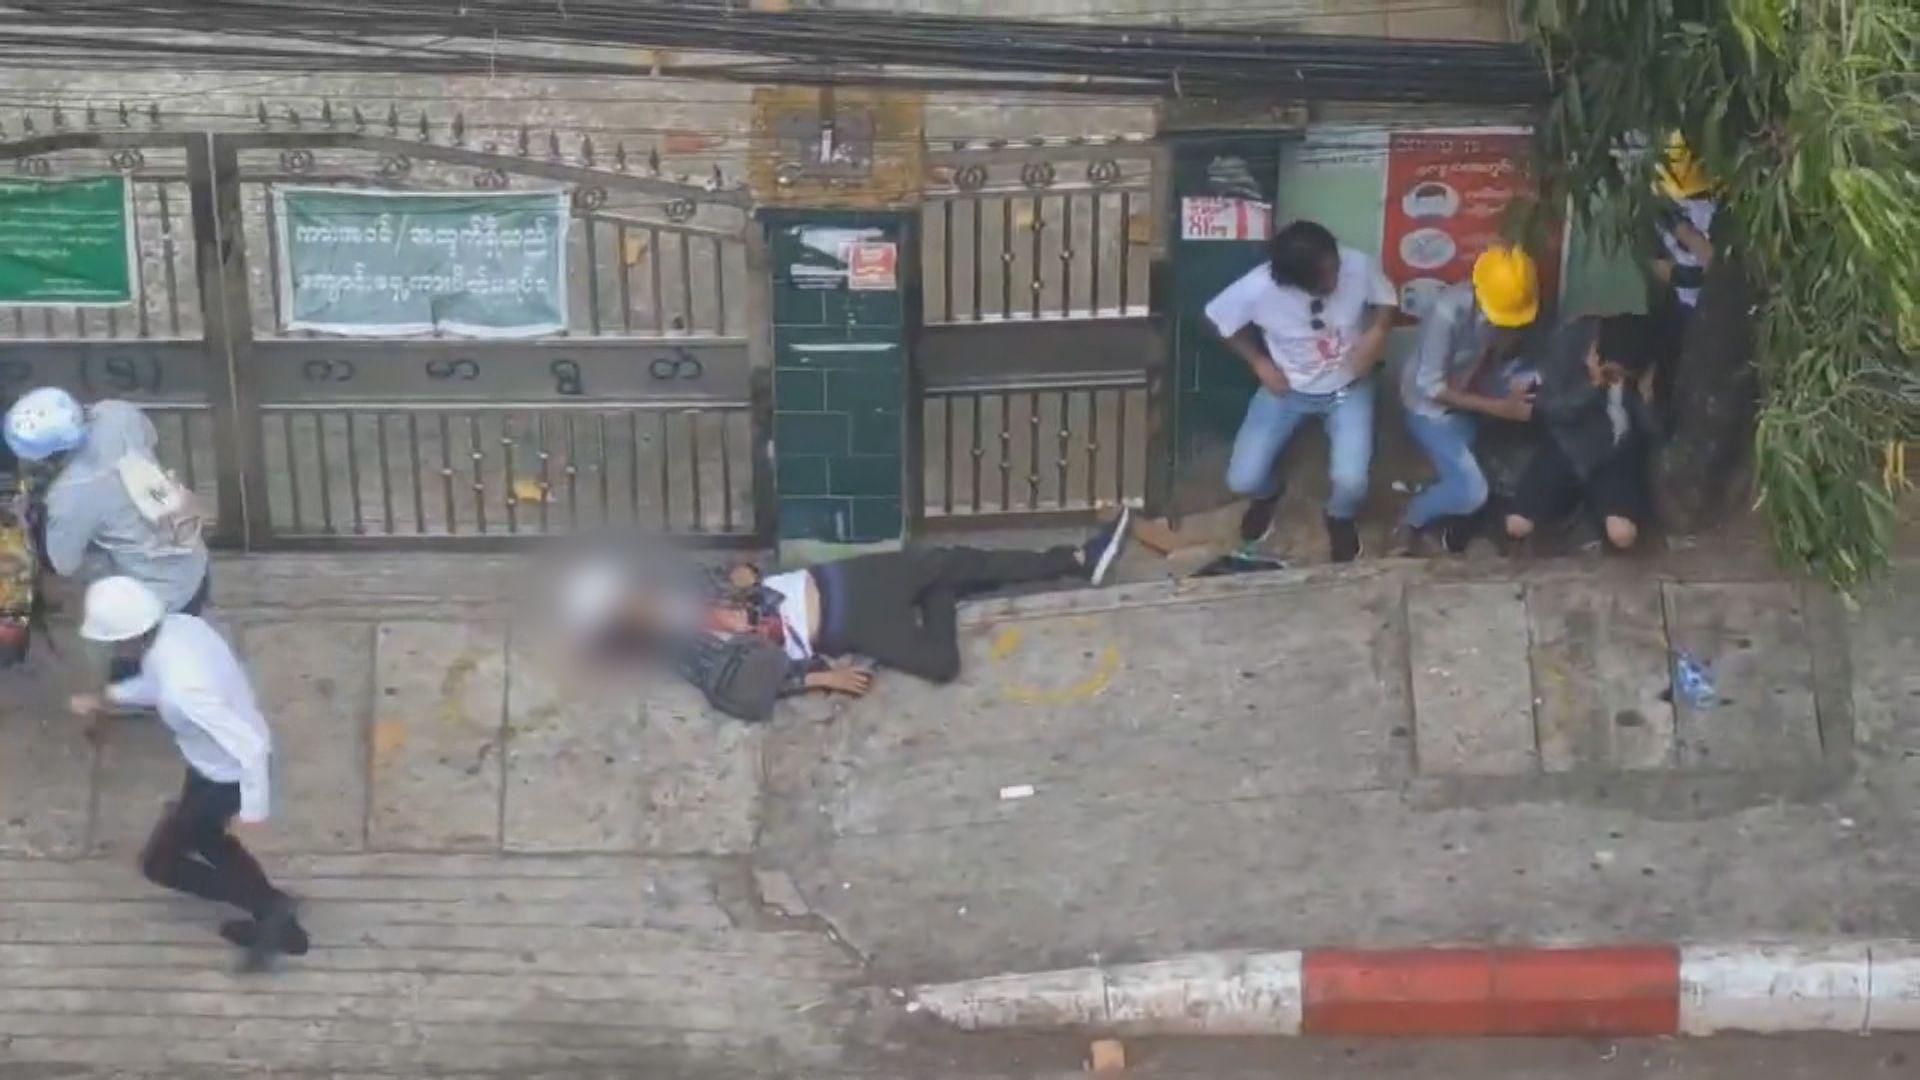 緬甸傳媒指仰光有示威者中槍後死亡